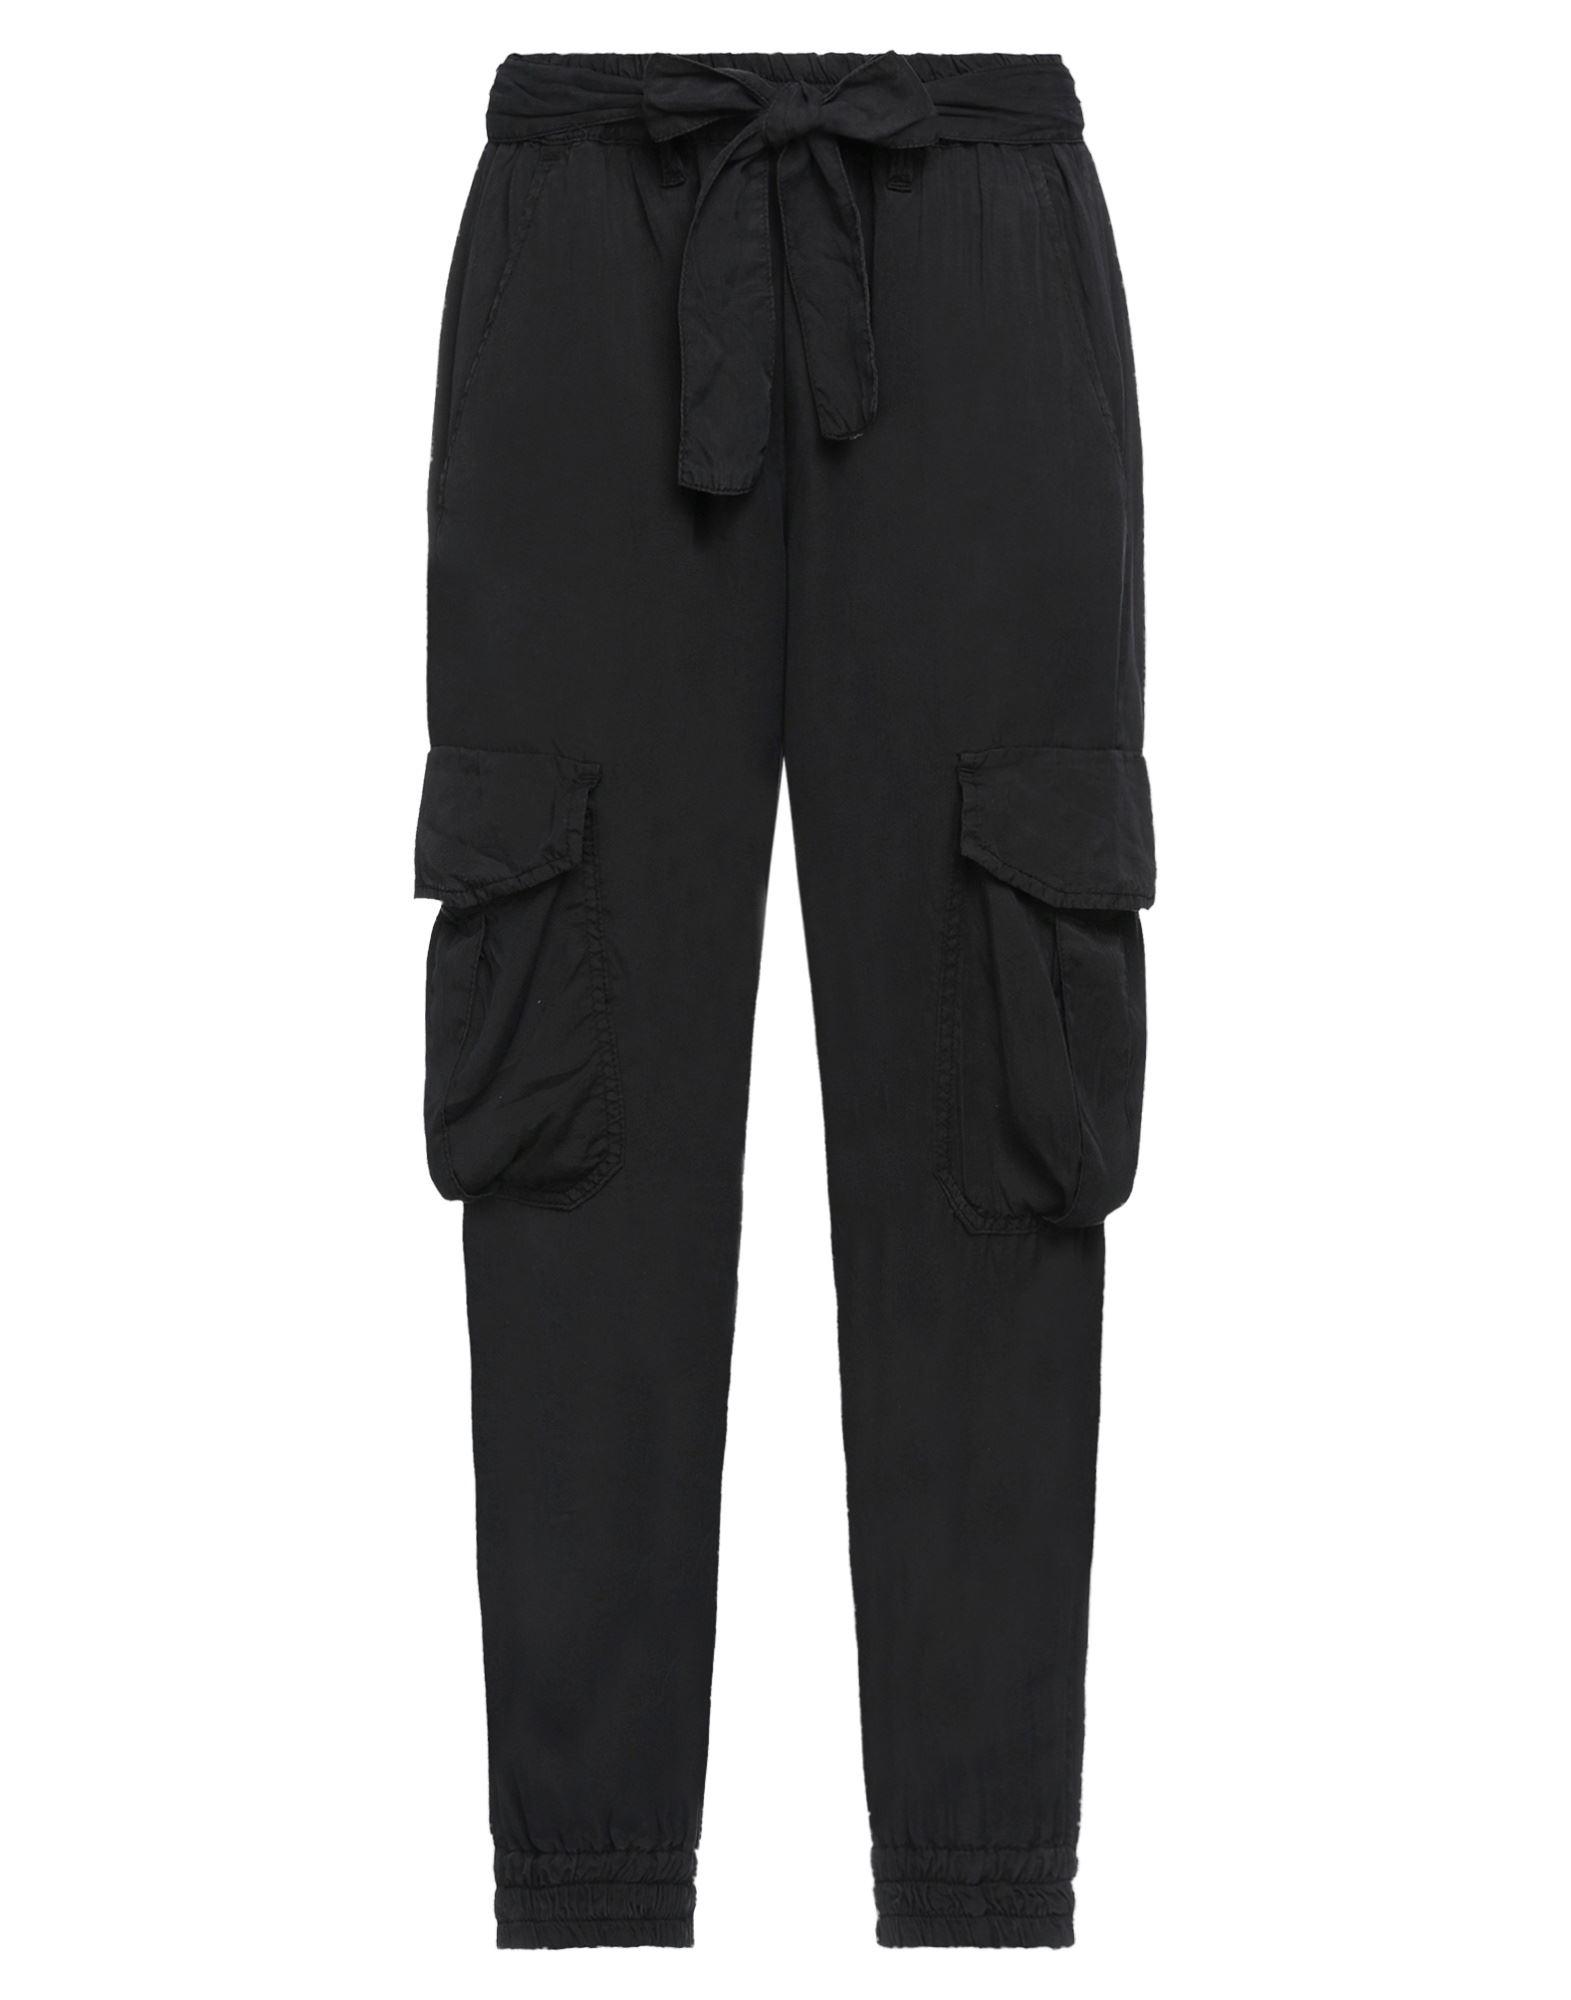 《セール開催中》L'AIR DE RIEN レディース パンツ ブラック 30 指定外繊維(テンセル)? 100%